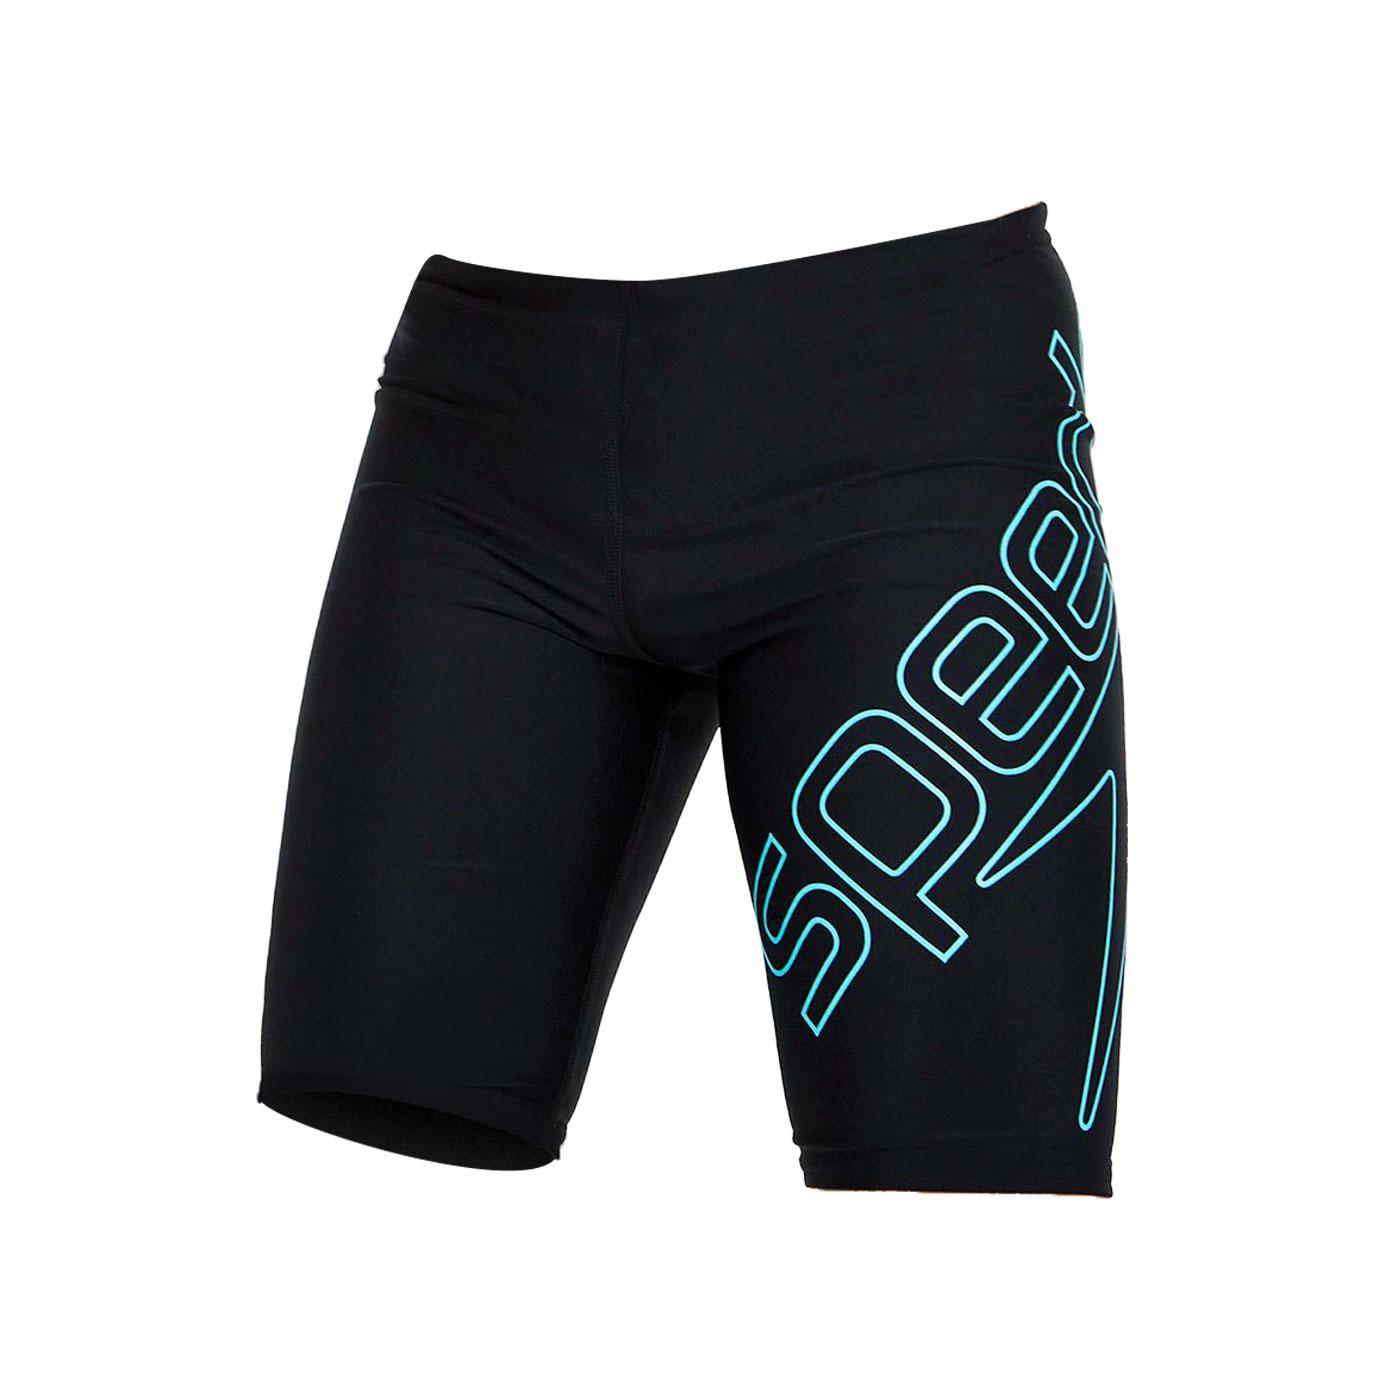 SPEEDO 男孩運動及膝泳褲 SD812407F888